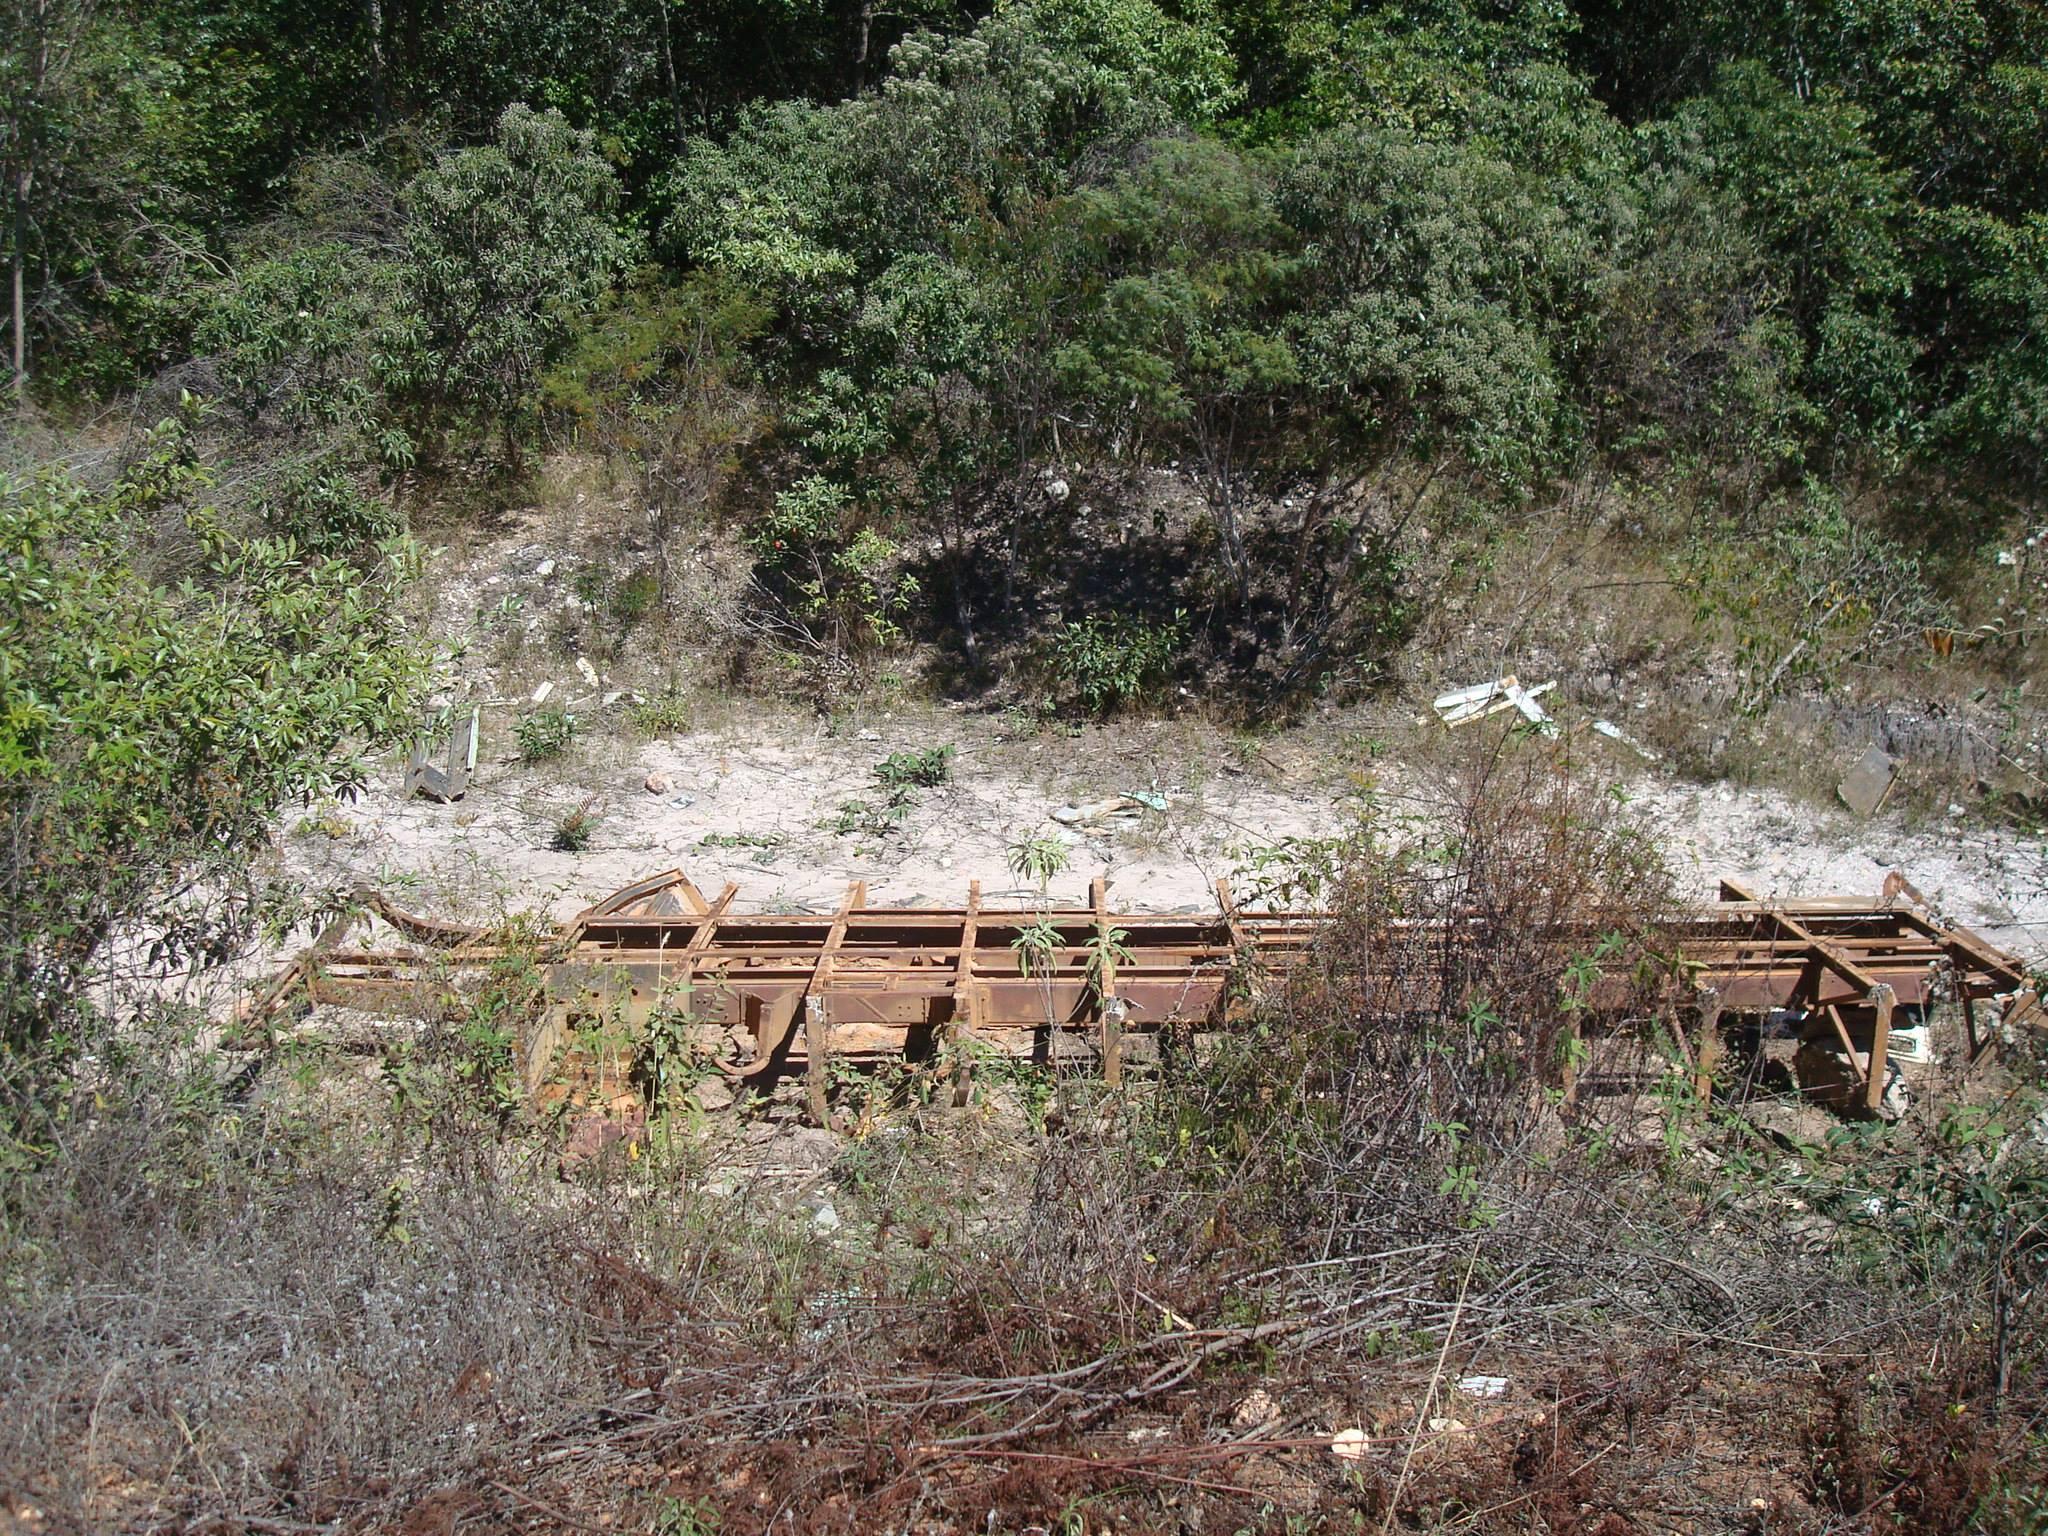 Fotos-uit-de-regio-van-Ibitiara-en-Seabra-aan-de-grote-BR-242-22